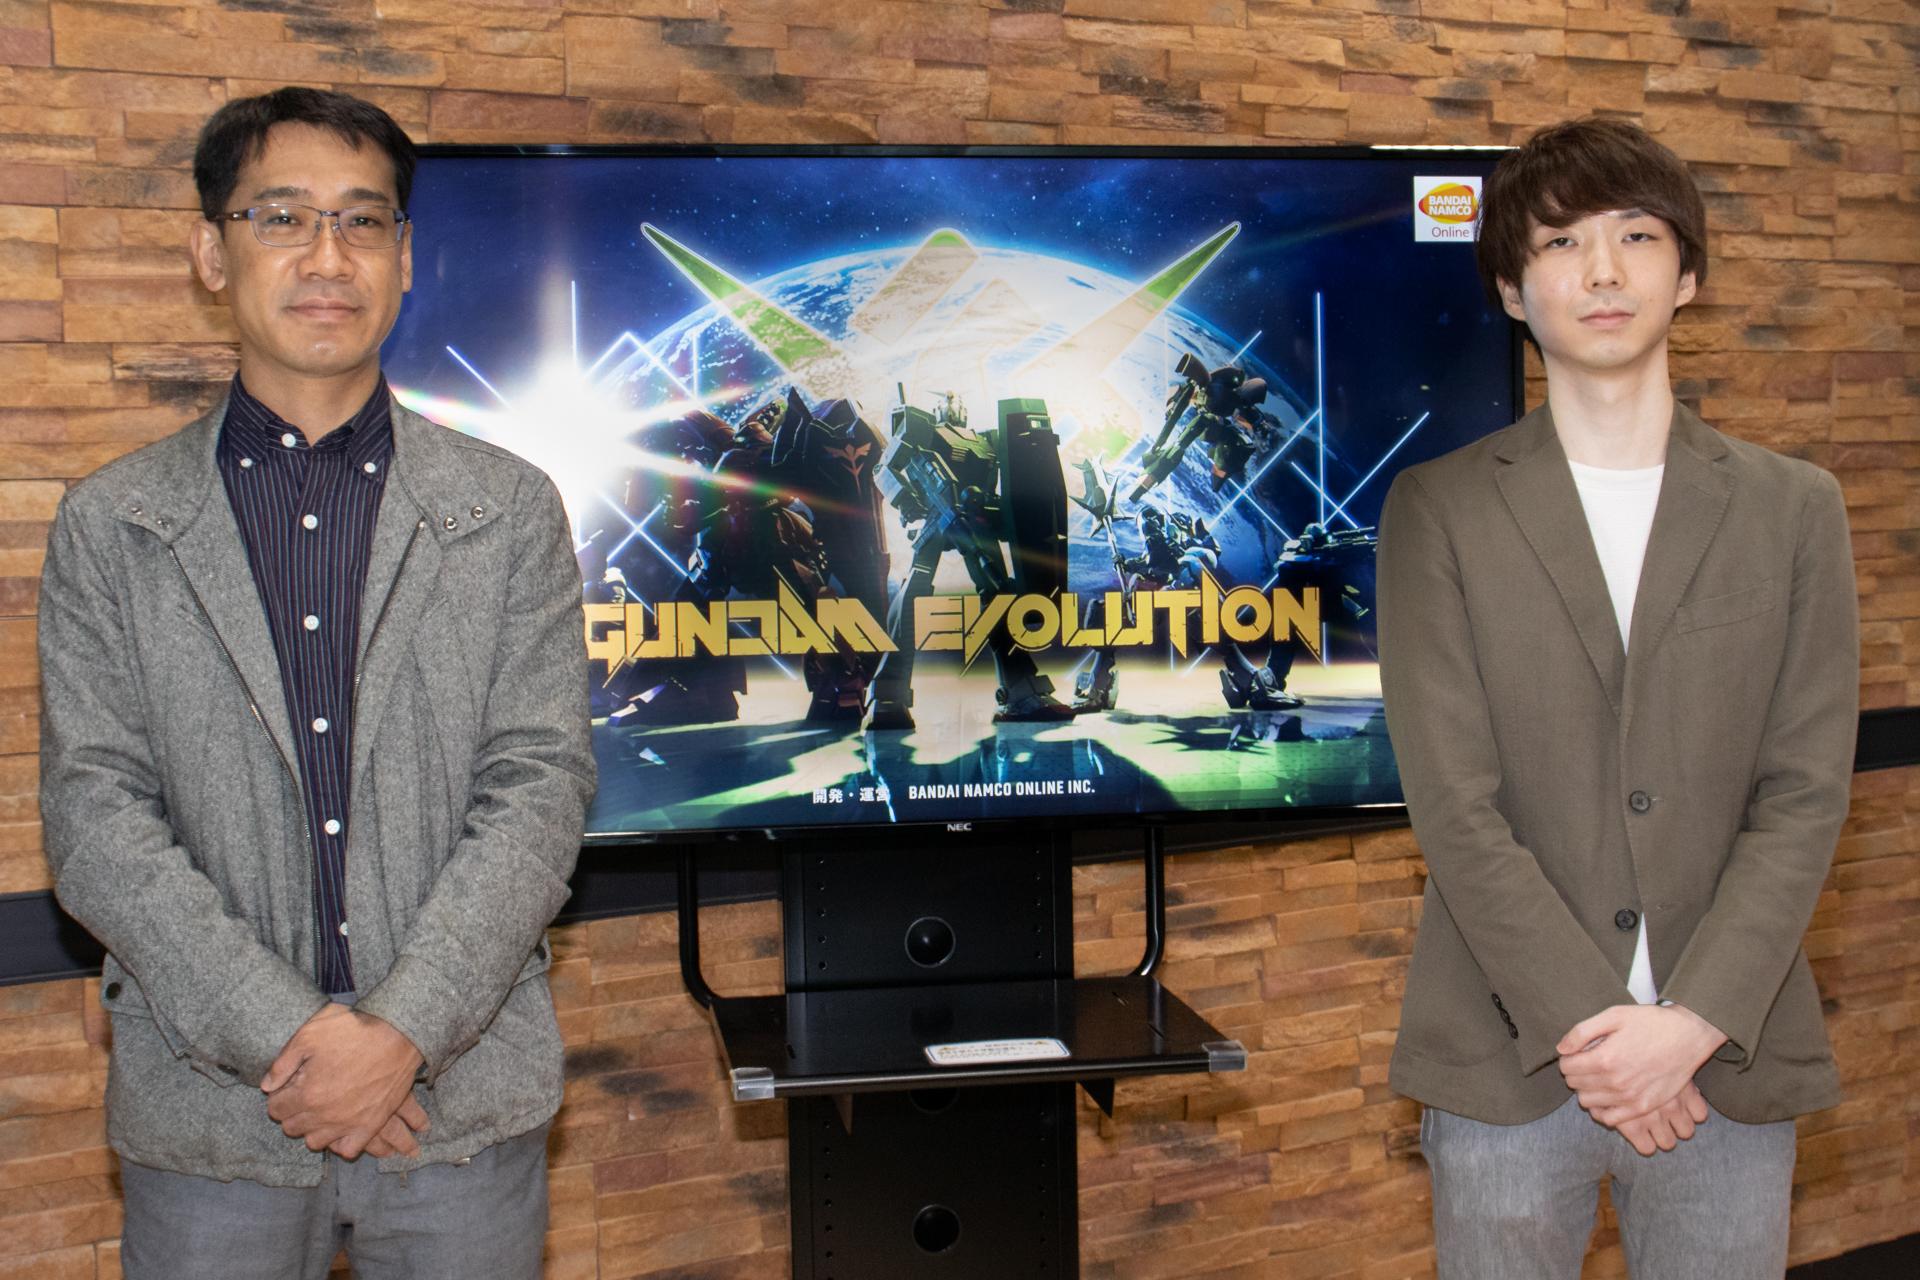 バンダイナムコオンライン「GUNDAM EVOLUTION」プロデューサー丸山和也氏(左)と、バトルディレクター穂垣亮多氏(右)